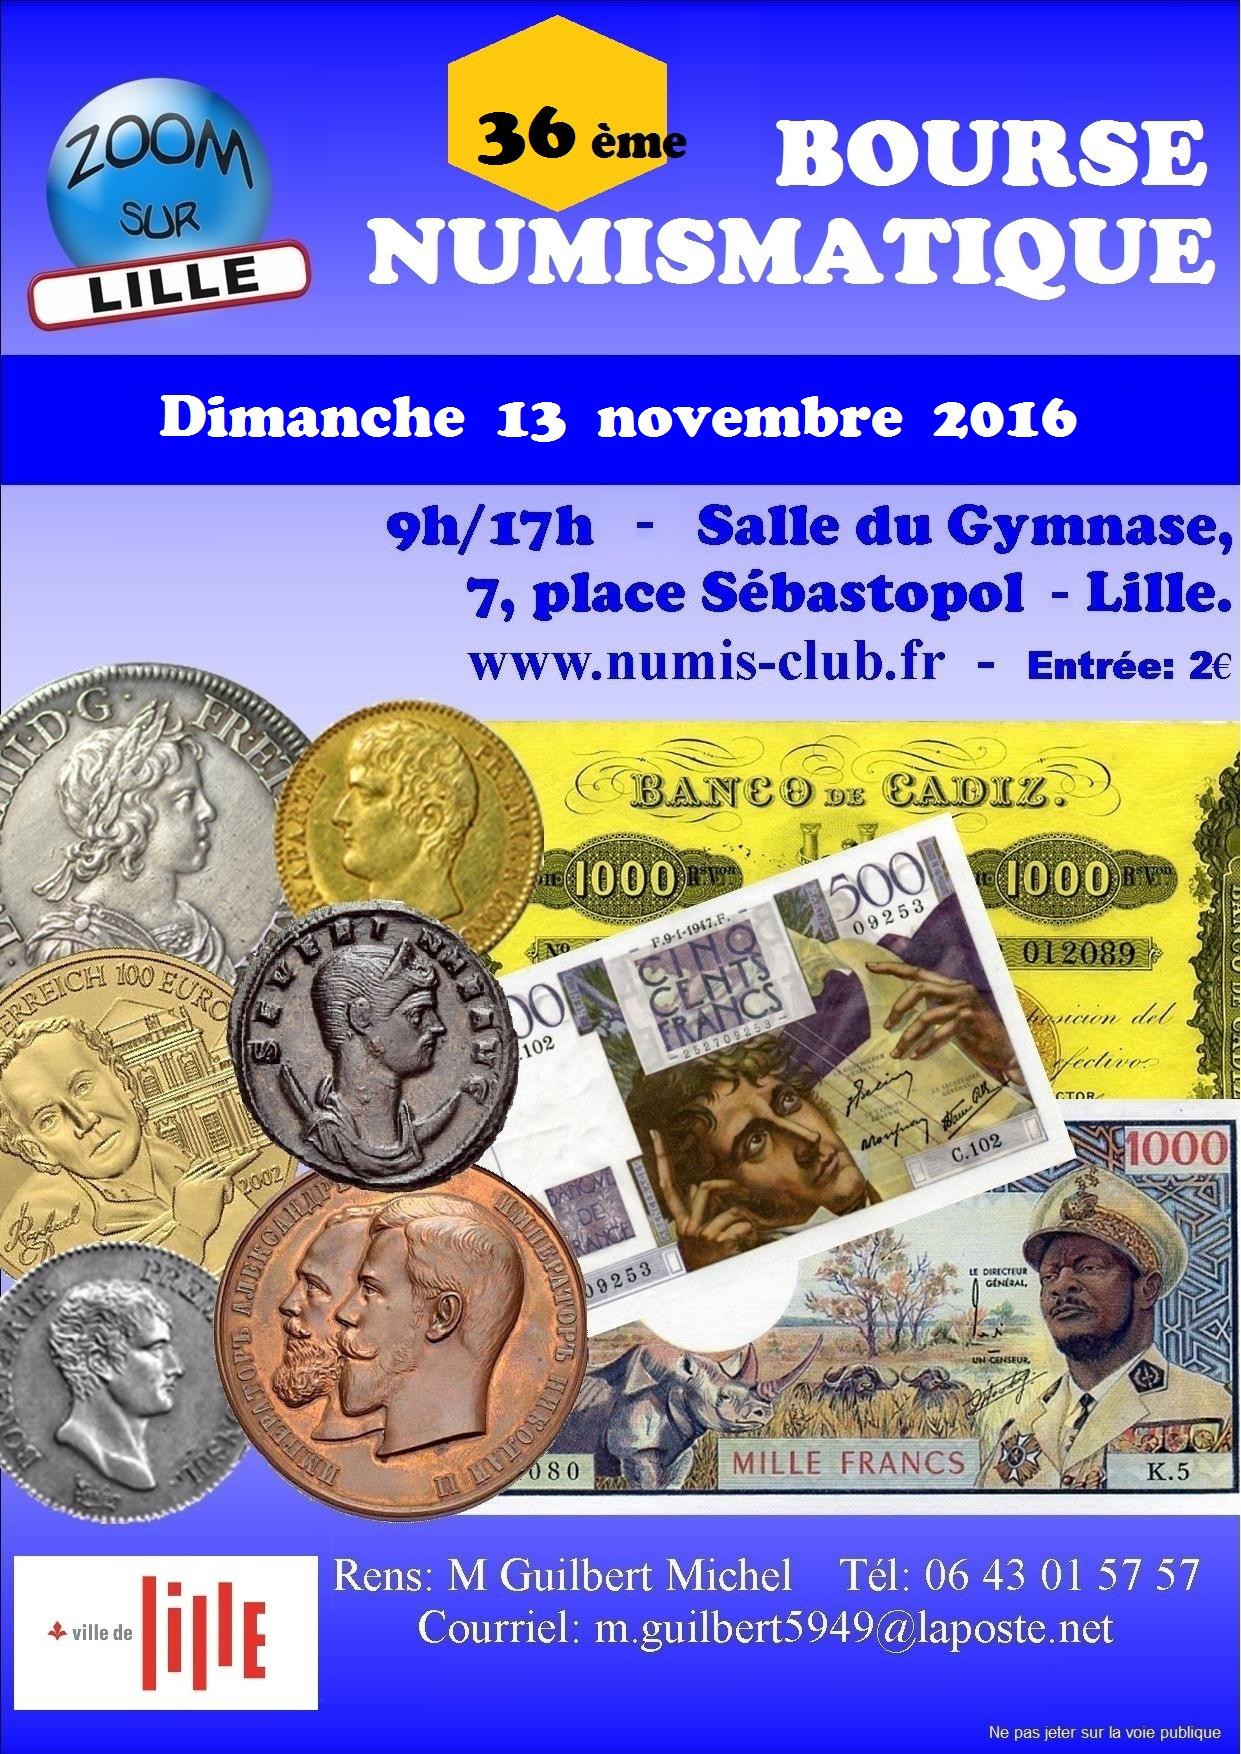 36e Bourse numismatique - Lille - 13/11/16